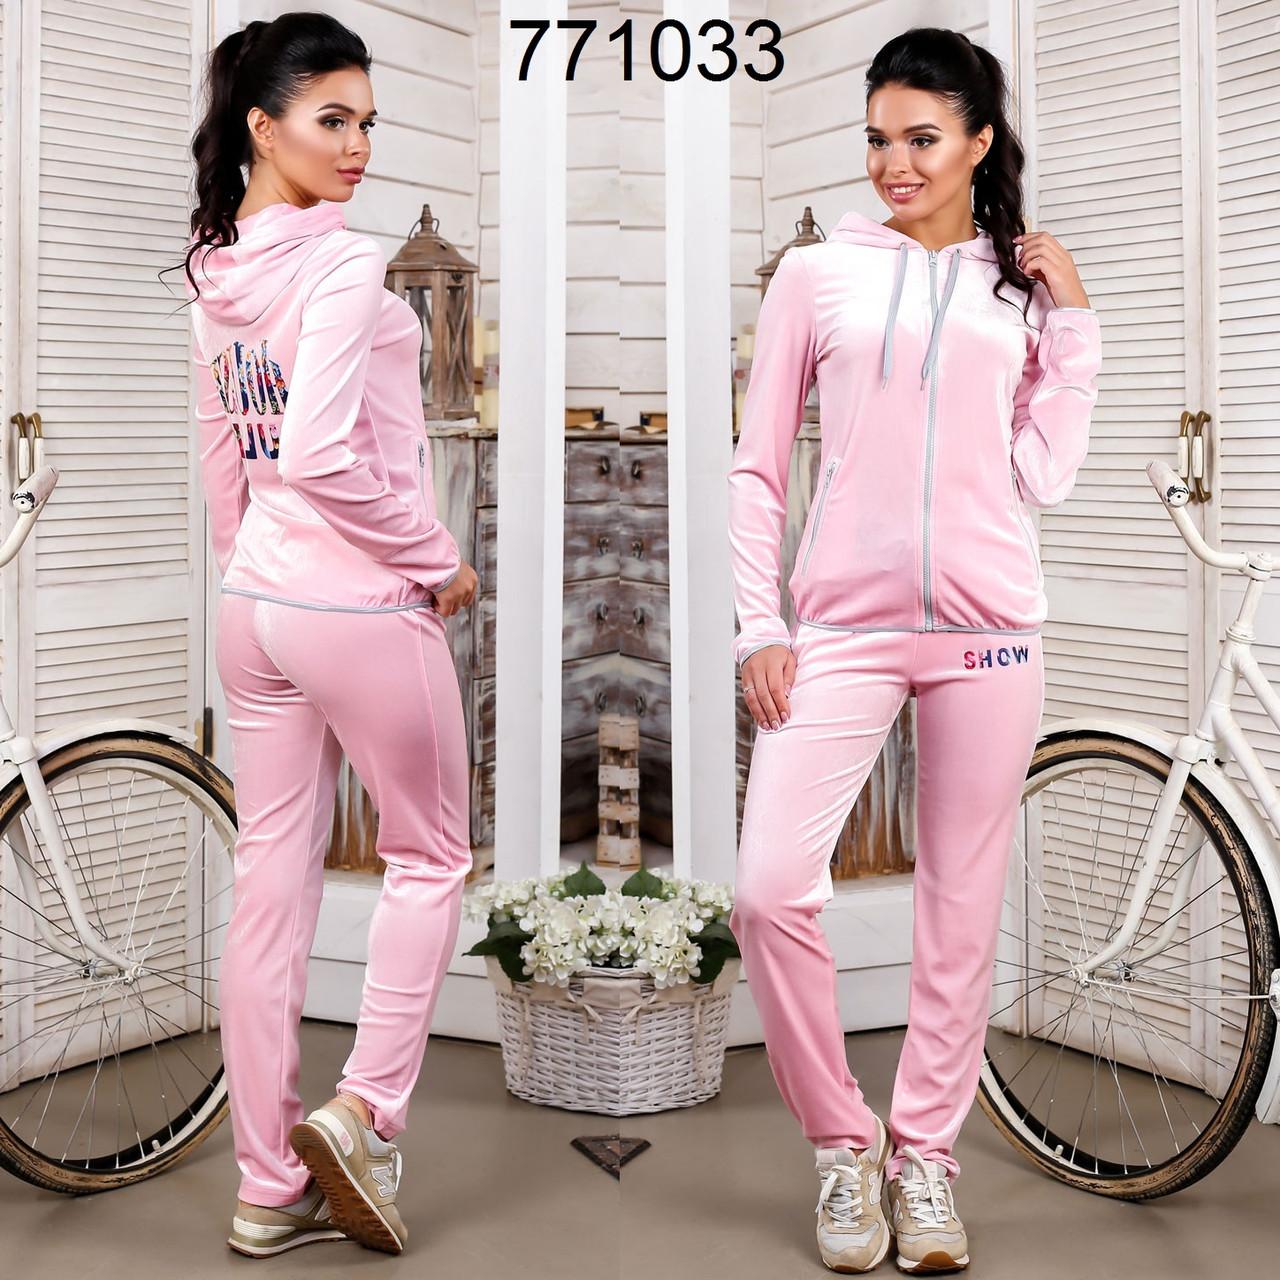 64b9351c Женский спортивный костюм из стрейч-велюра F Розовый - Интернет-магазин Леди -лайн